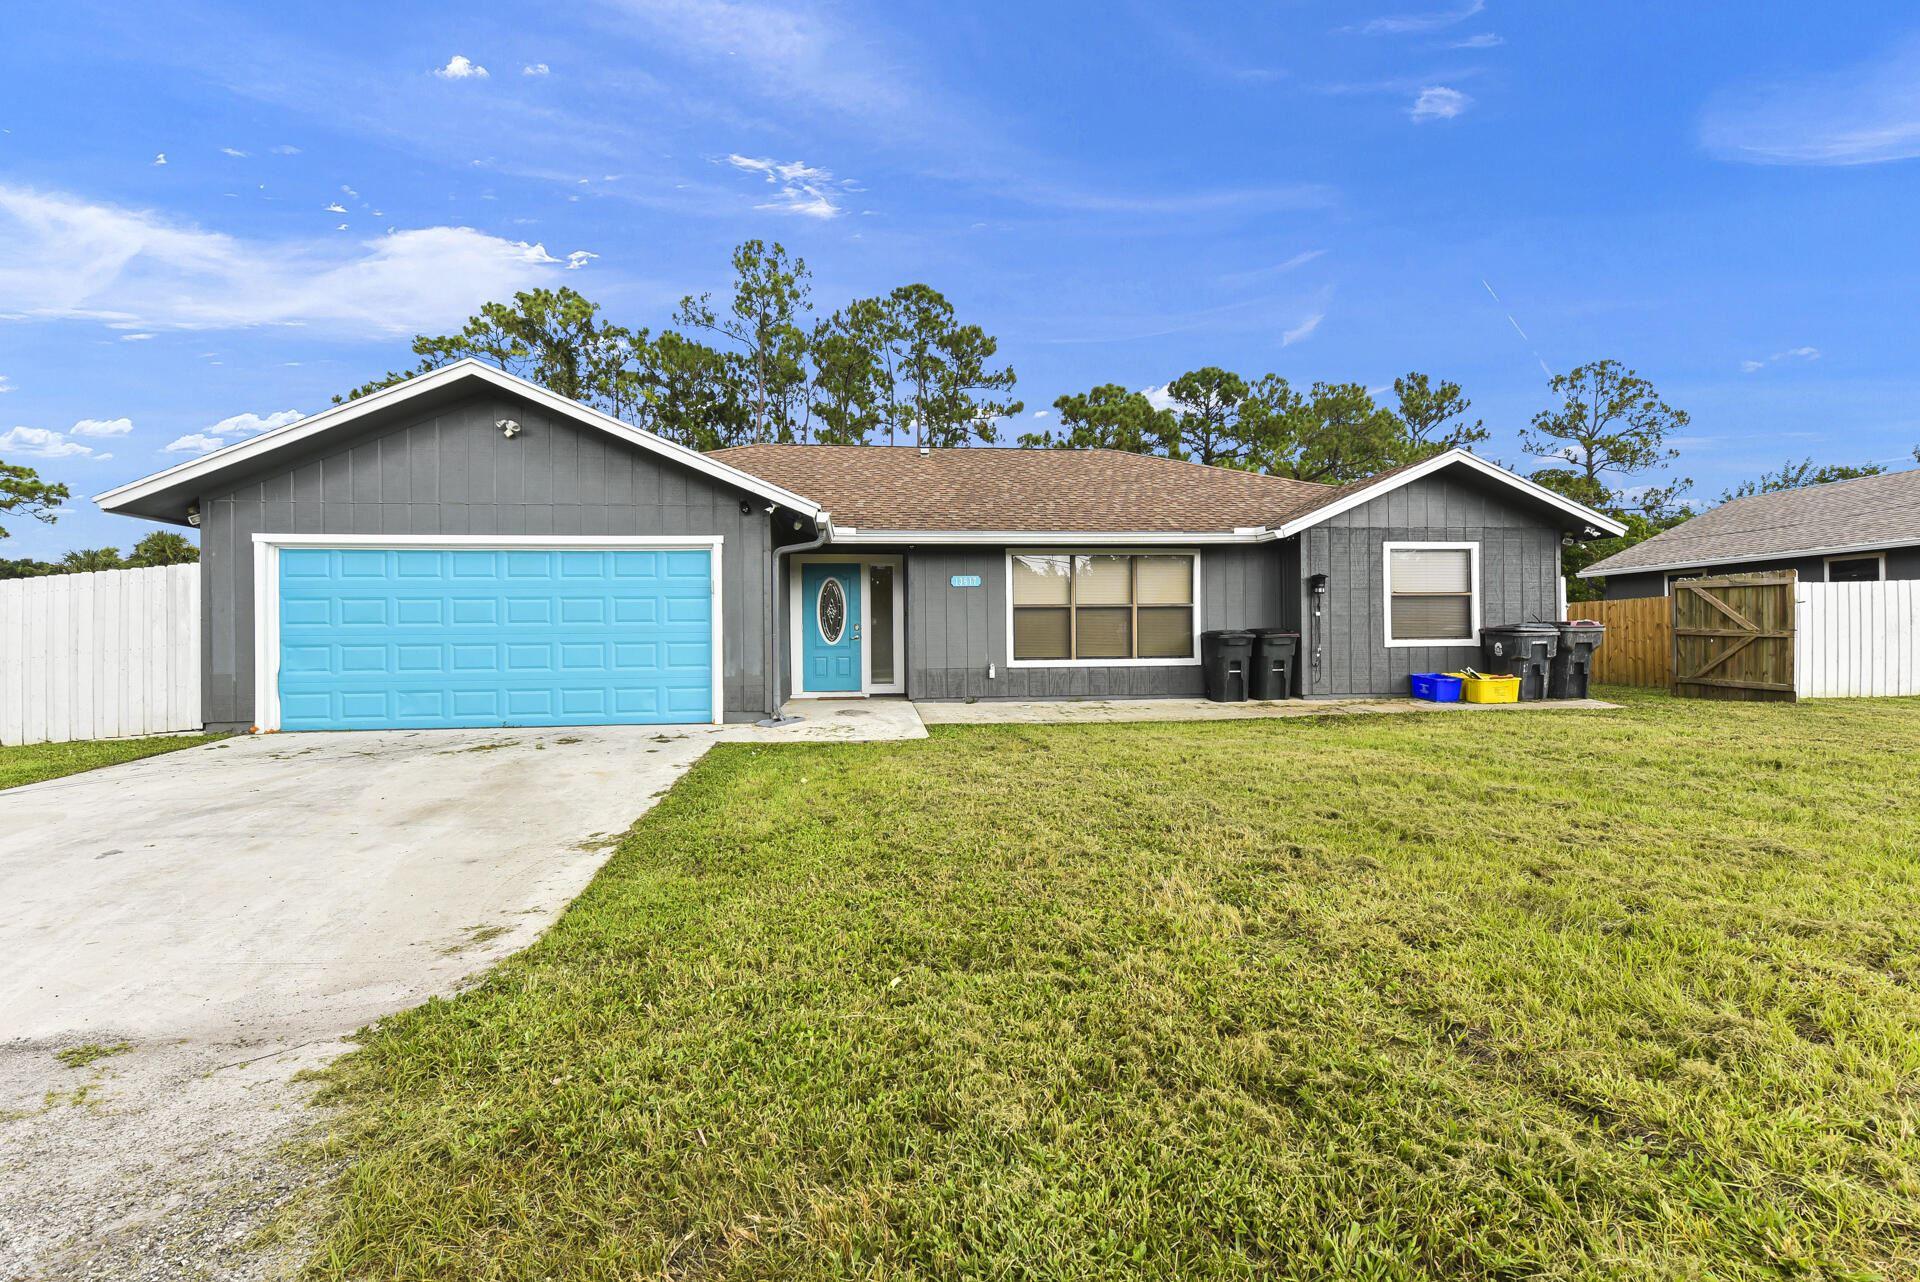 13617 44th Place N, West Palm Beach, FL 33411 - MLS#: RX-10733098